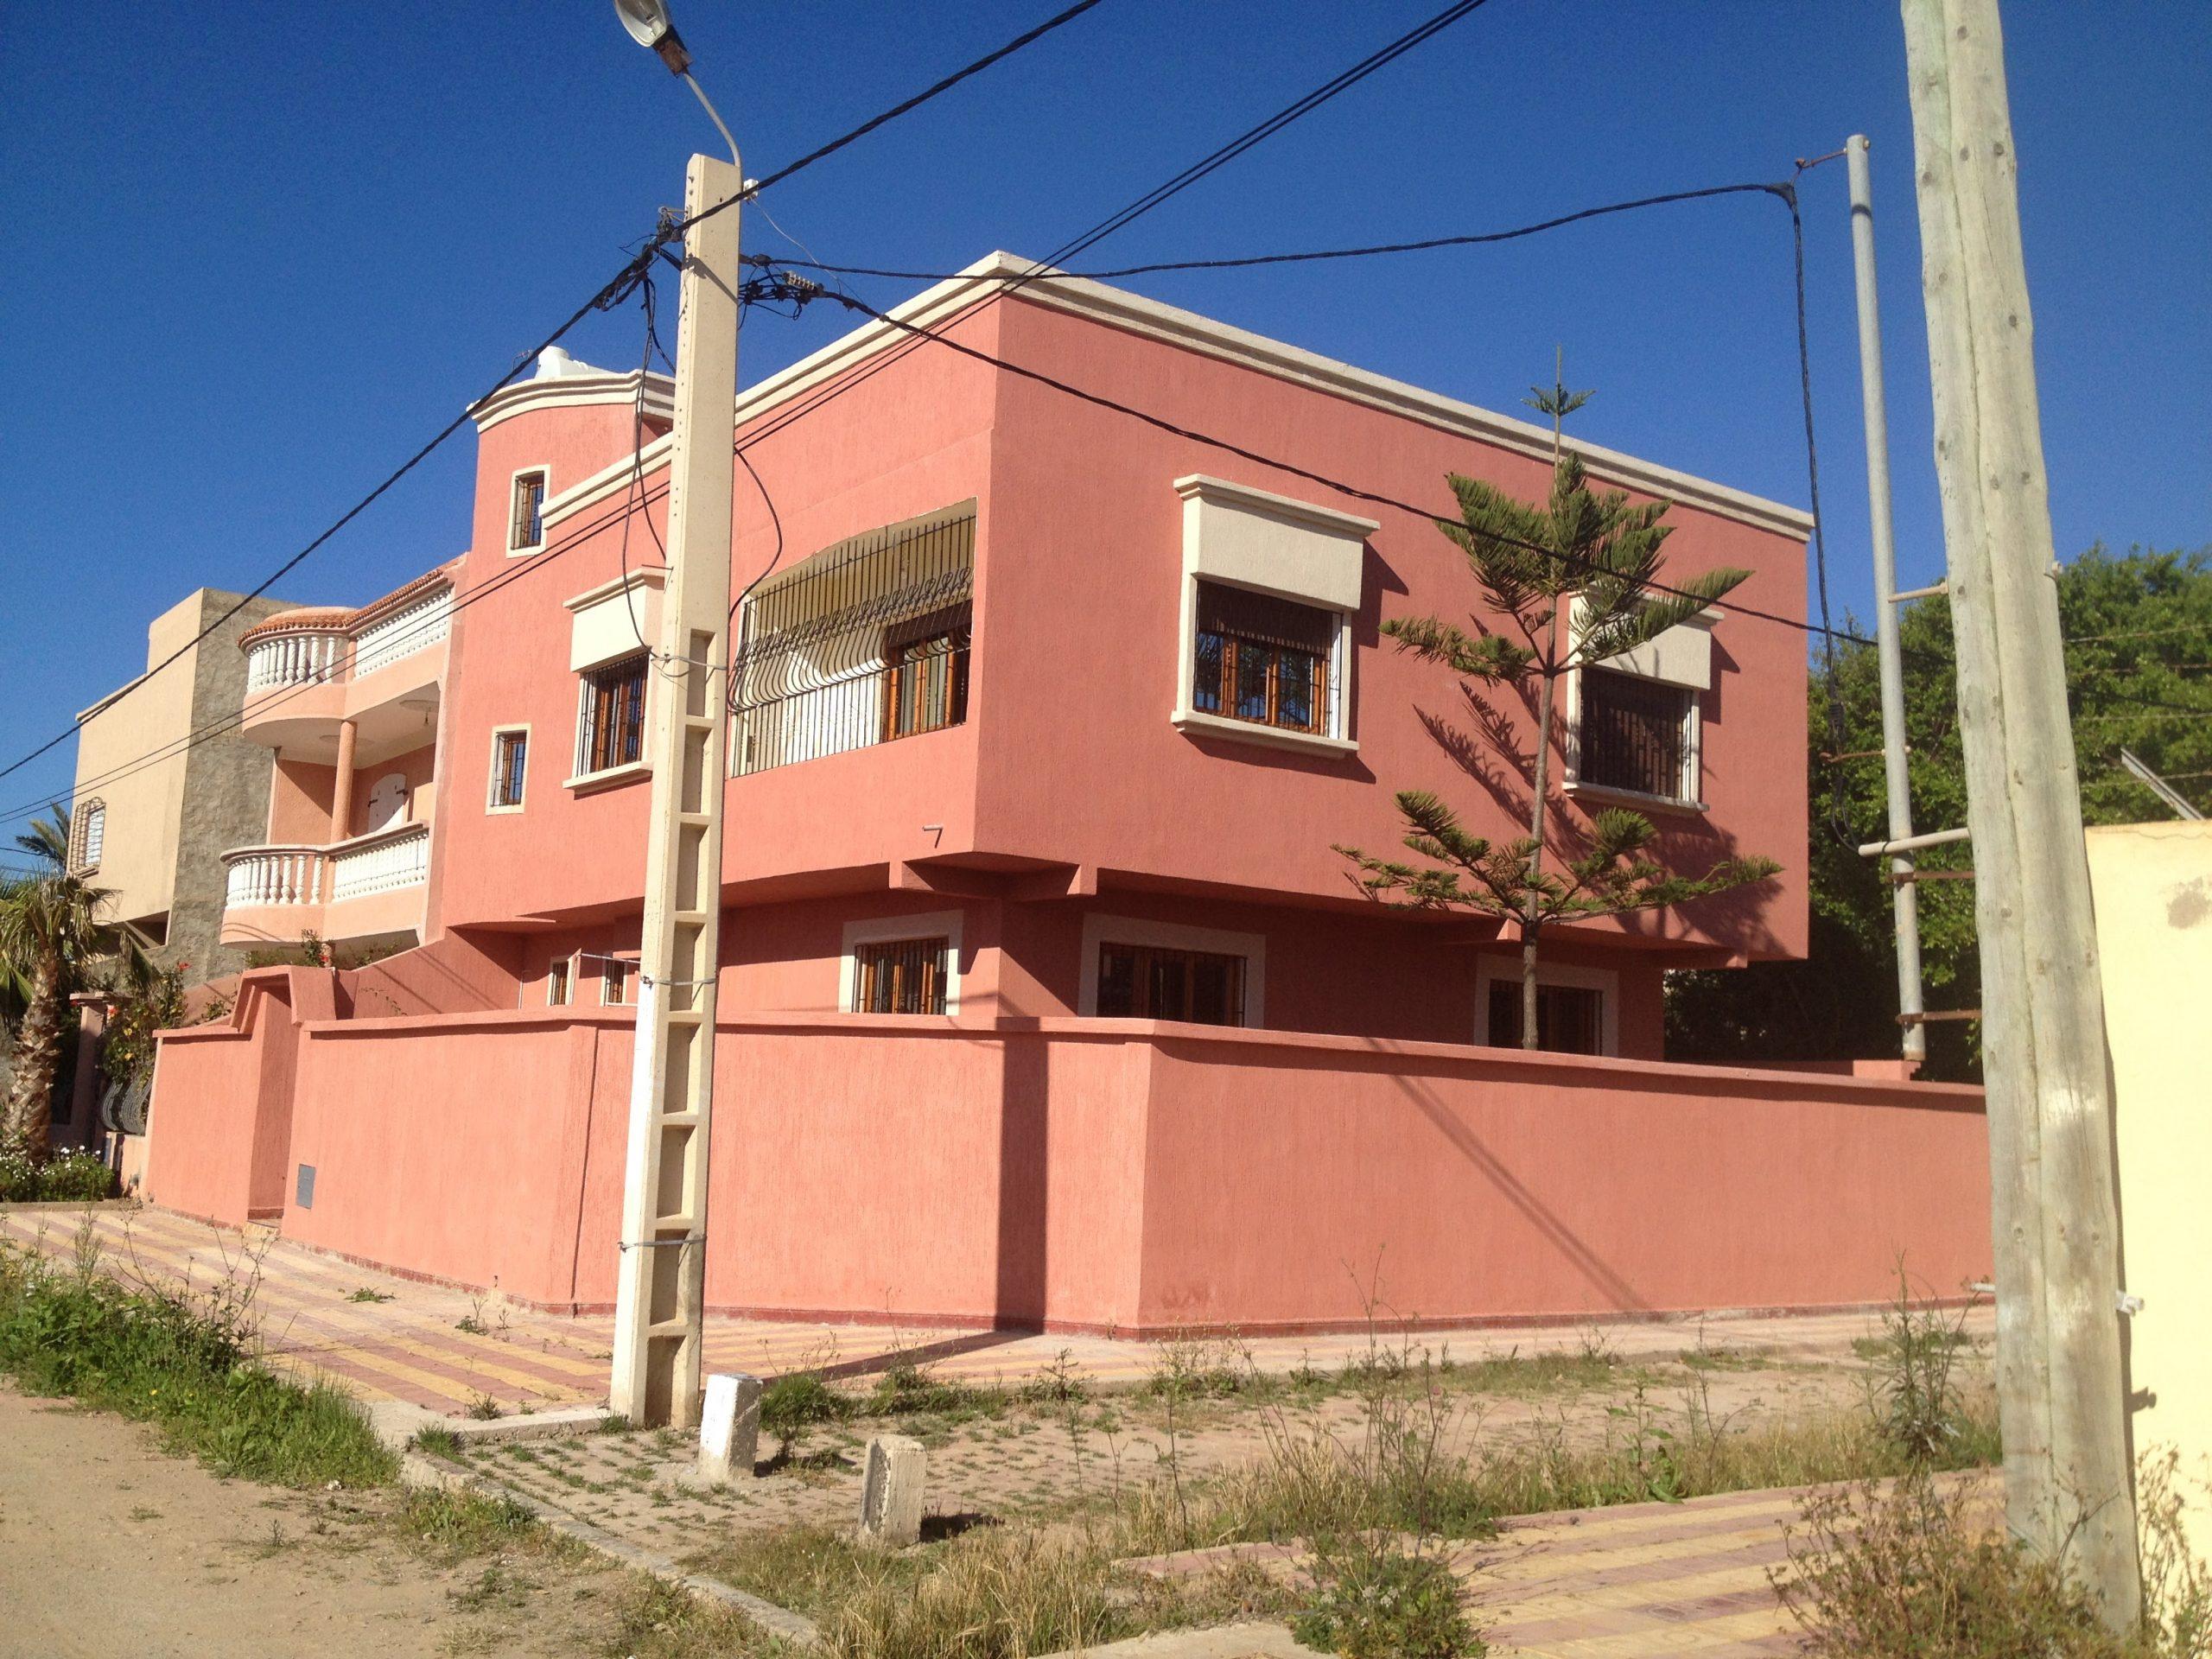 Location Maroc Vacances, Gite À Partir De 120€/semaine encequiconcerne Location Maison Vacances Avec Piscine Privée Pas Cher Particulier